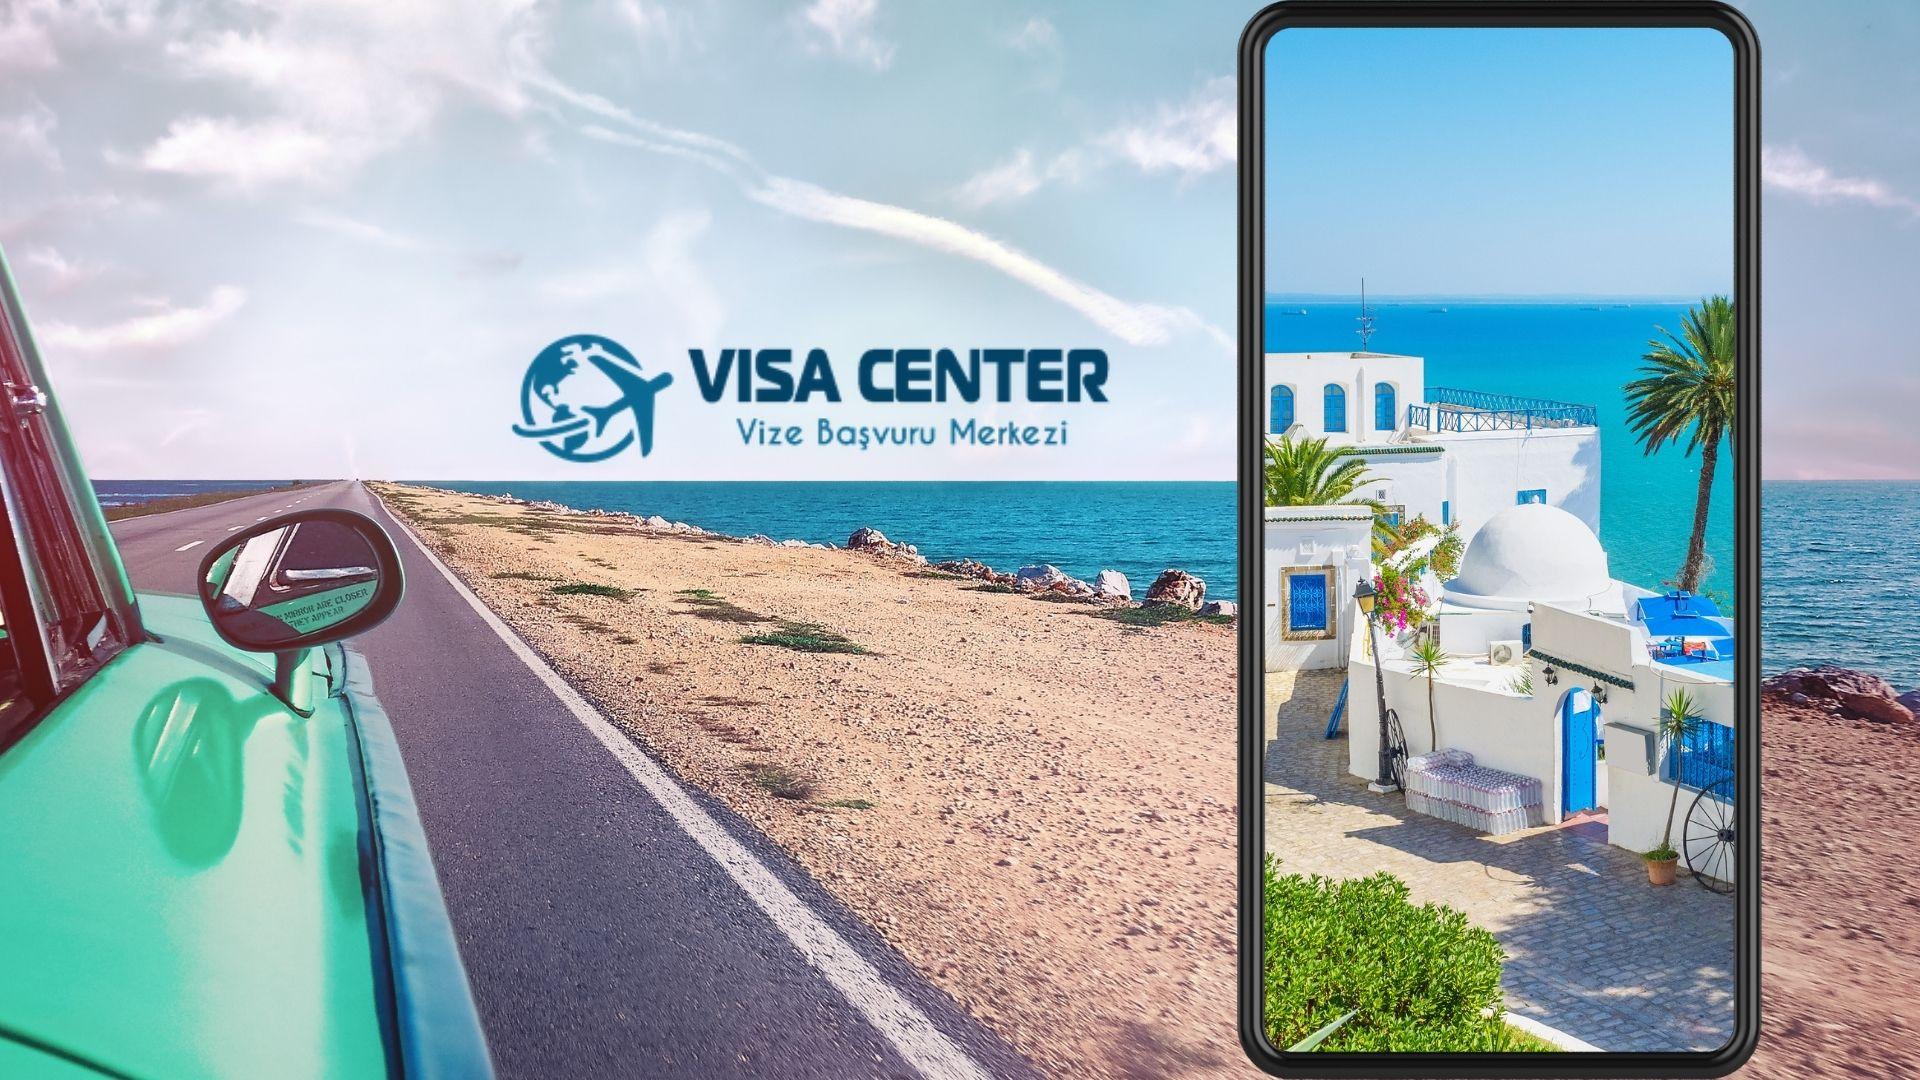 Tunus Vize Gerekiyor mu?